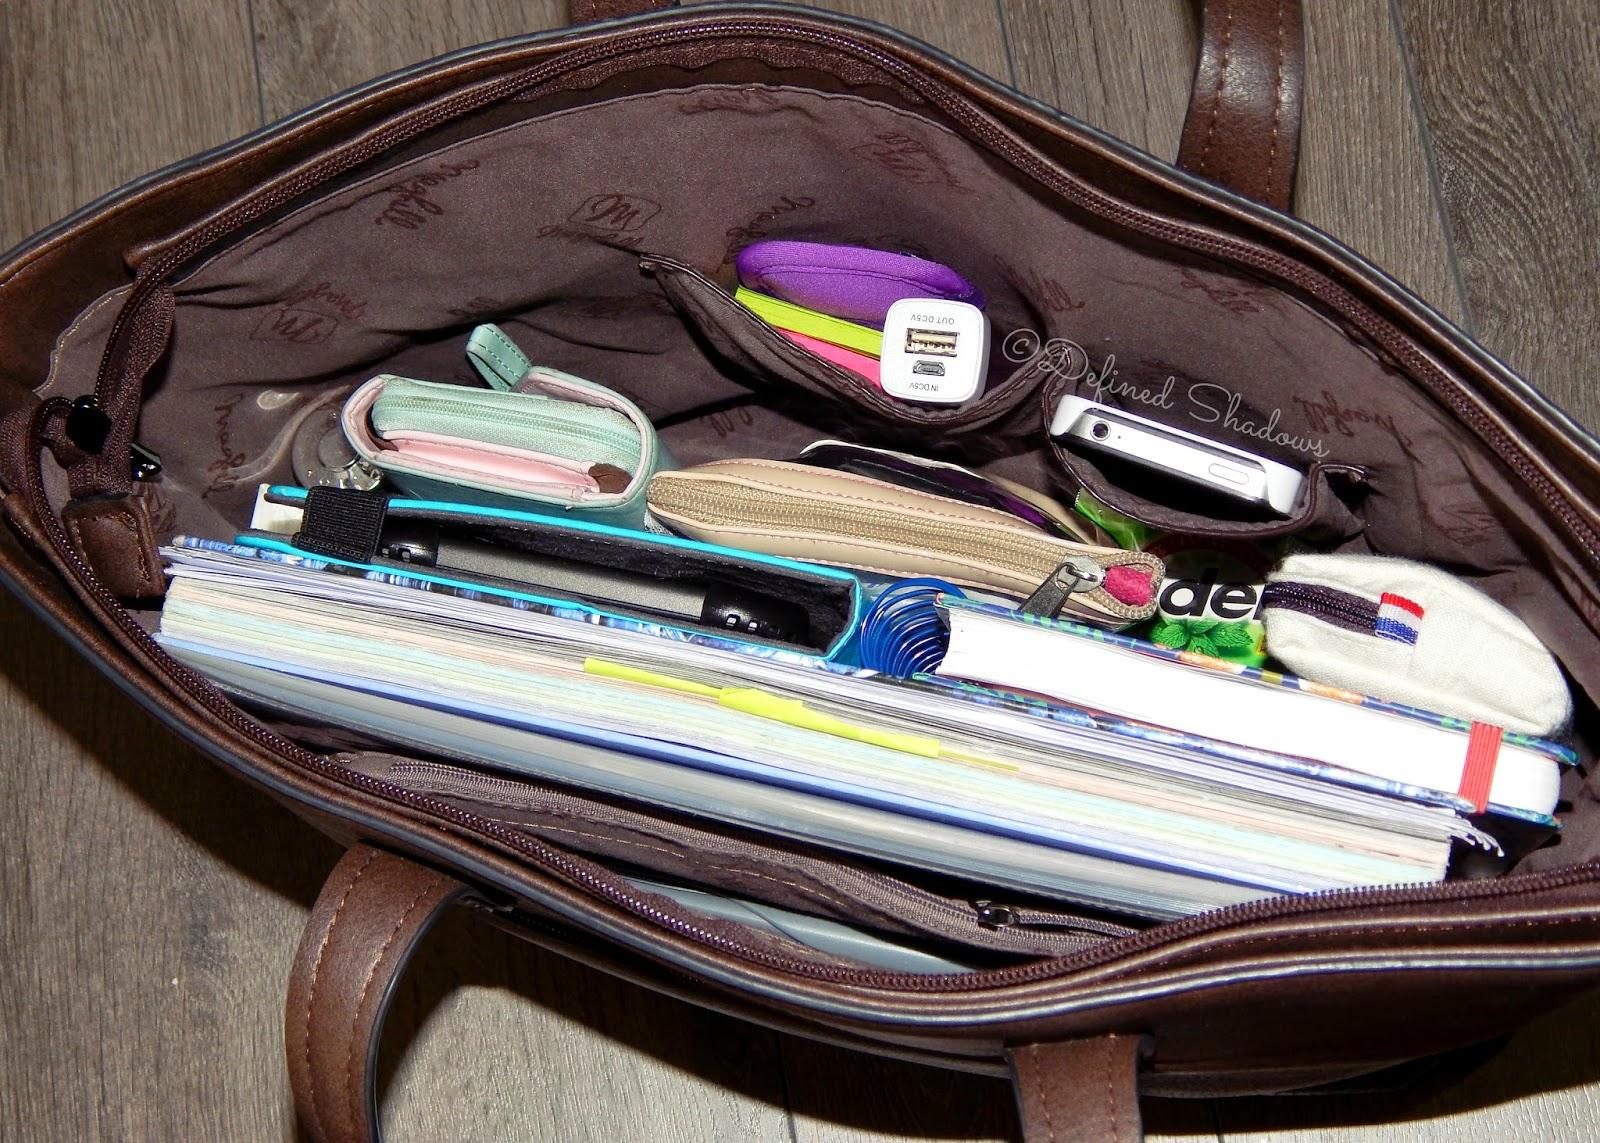 23a337e1f7 Vous le savez certainement déjà, je suis étudiante en faculté et donc mon  sac va forcément contenir mes affaires pour les cours j'ai donc: un grand  cahier 5 ...